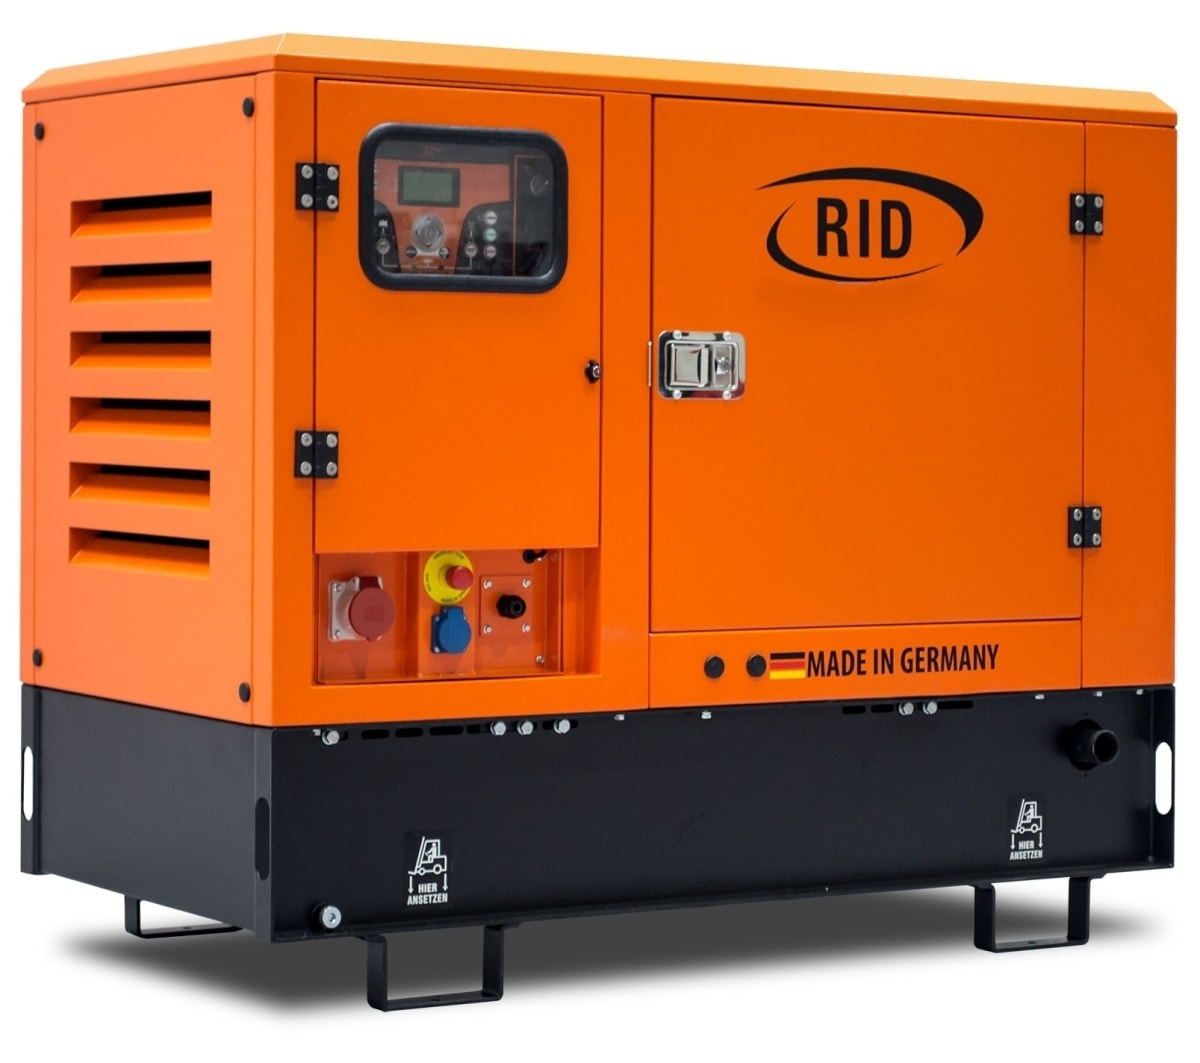 дизельная электростанция rid 20/1 s-series s